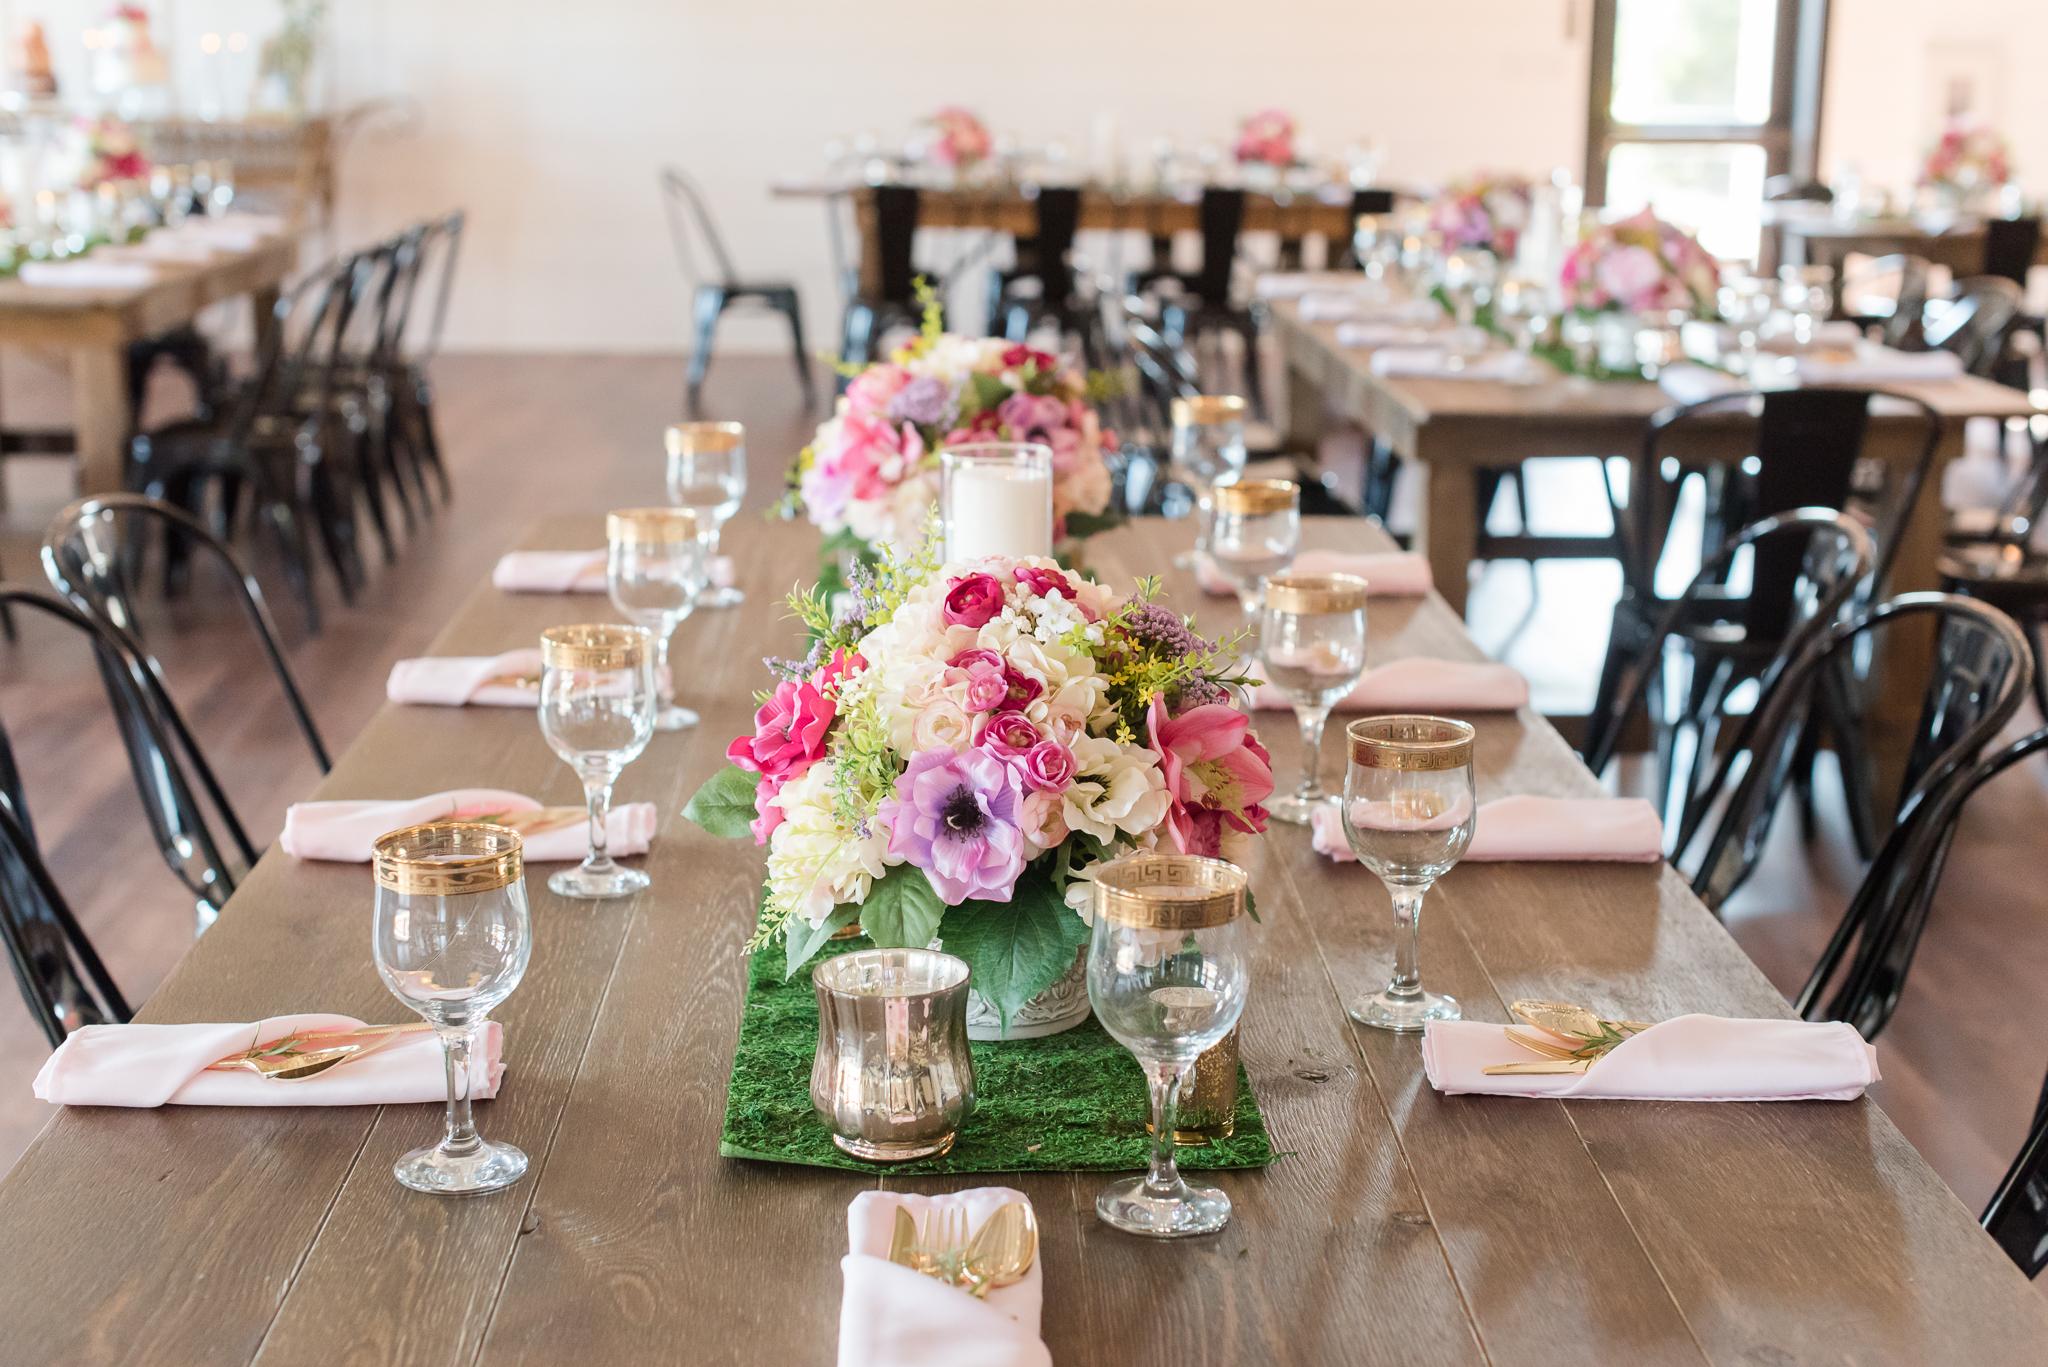 Wedding Reception at Bash in Carmel Indiana7575.jpg